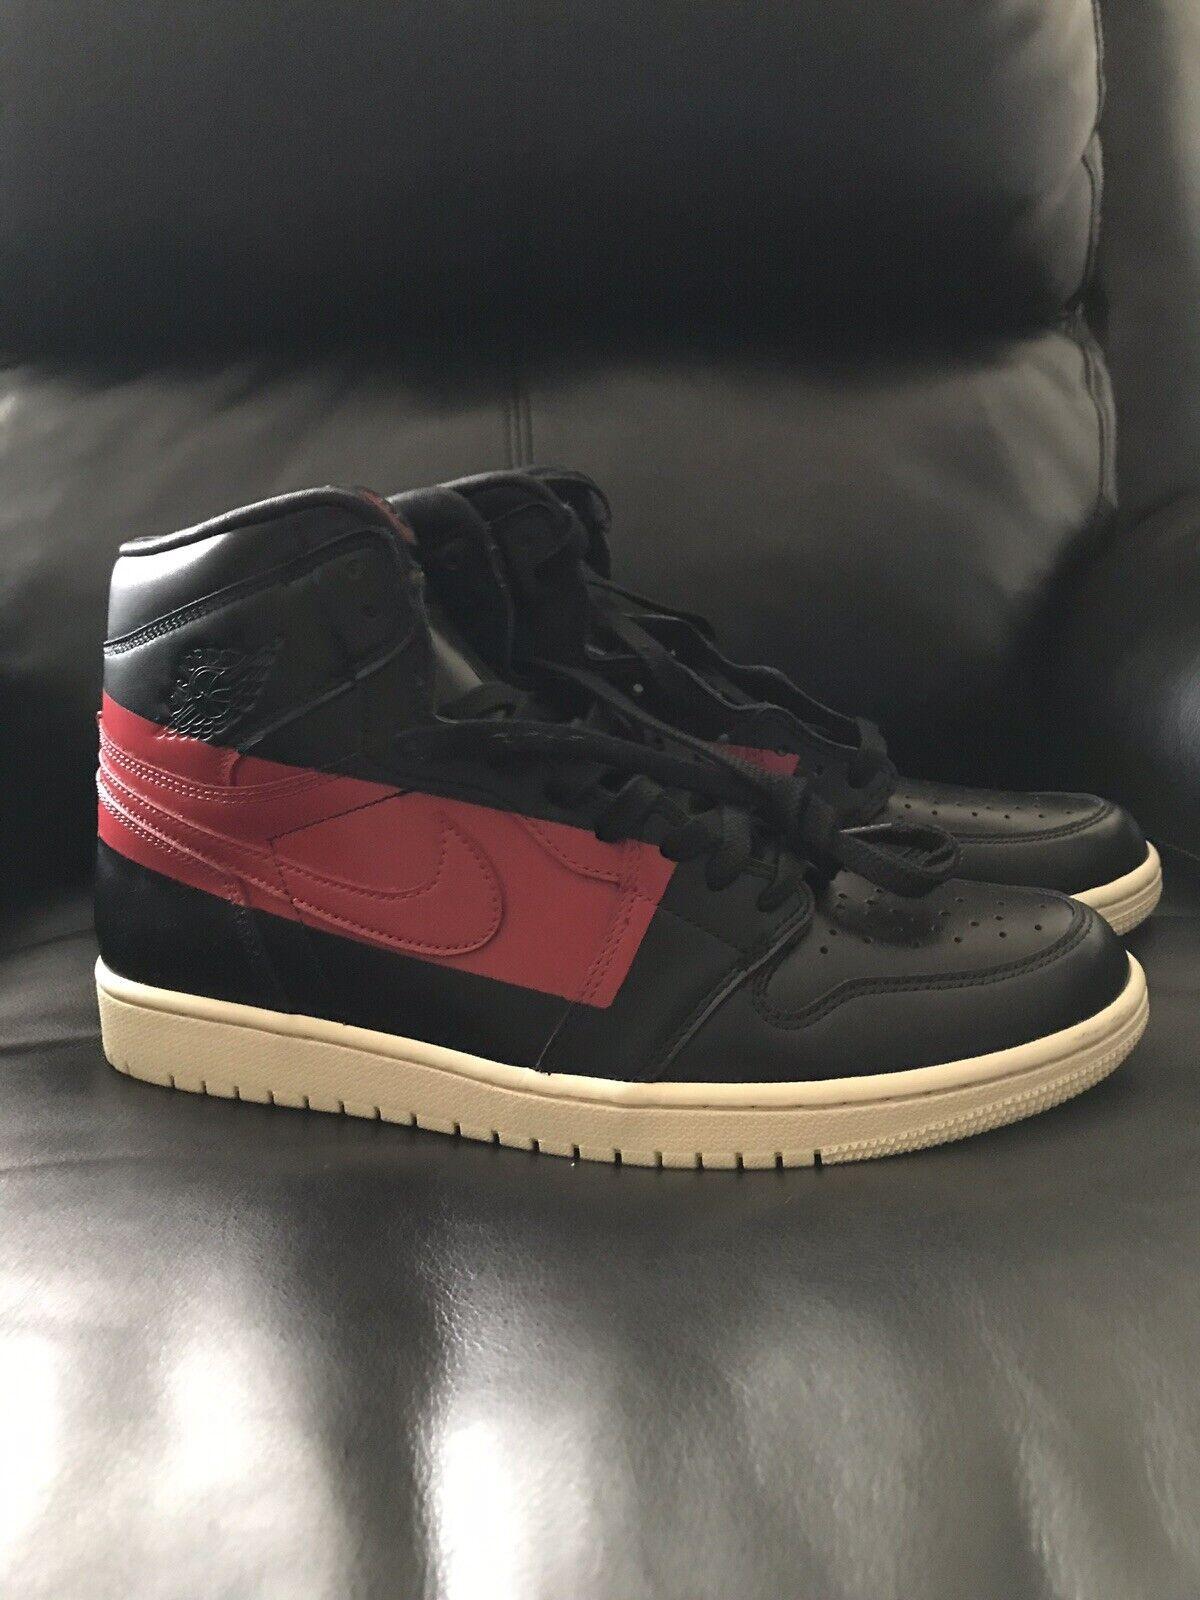 Jordan 1 Alta OG Defiant Air Couture para hombre 11.5